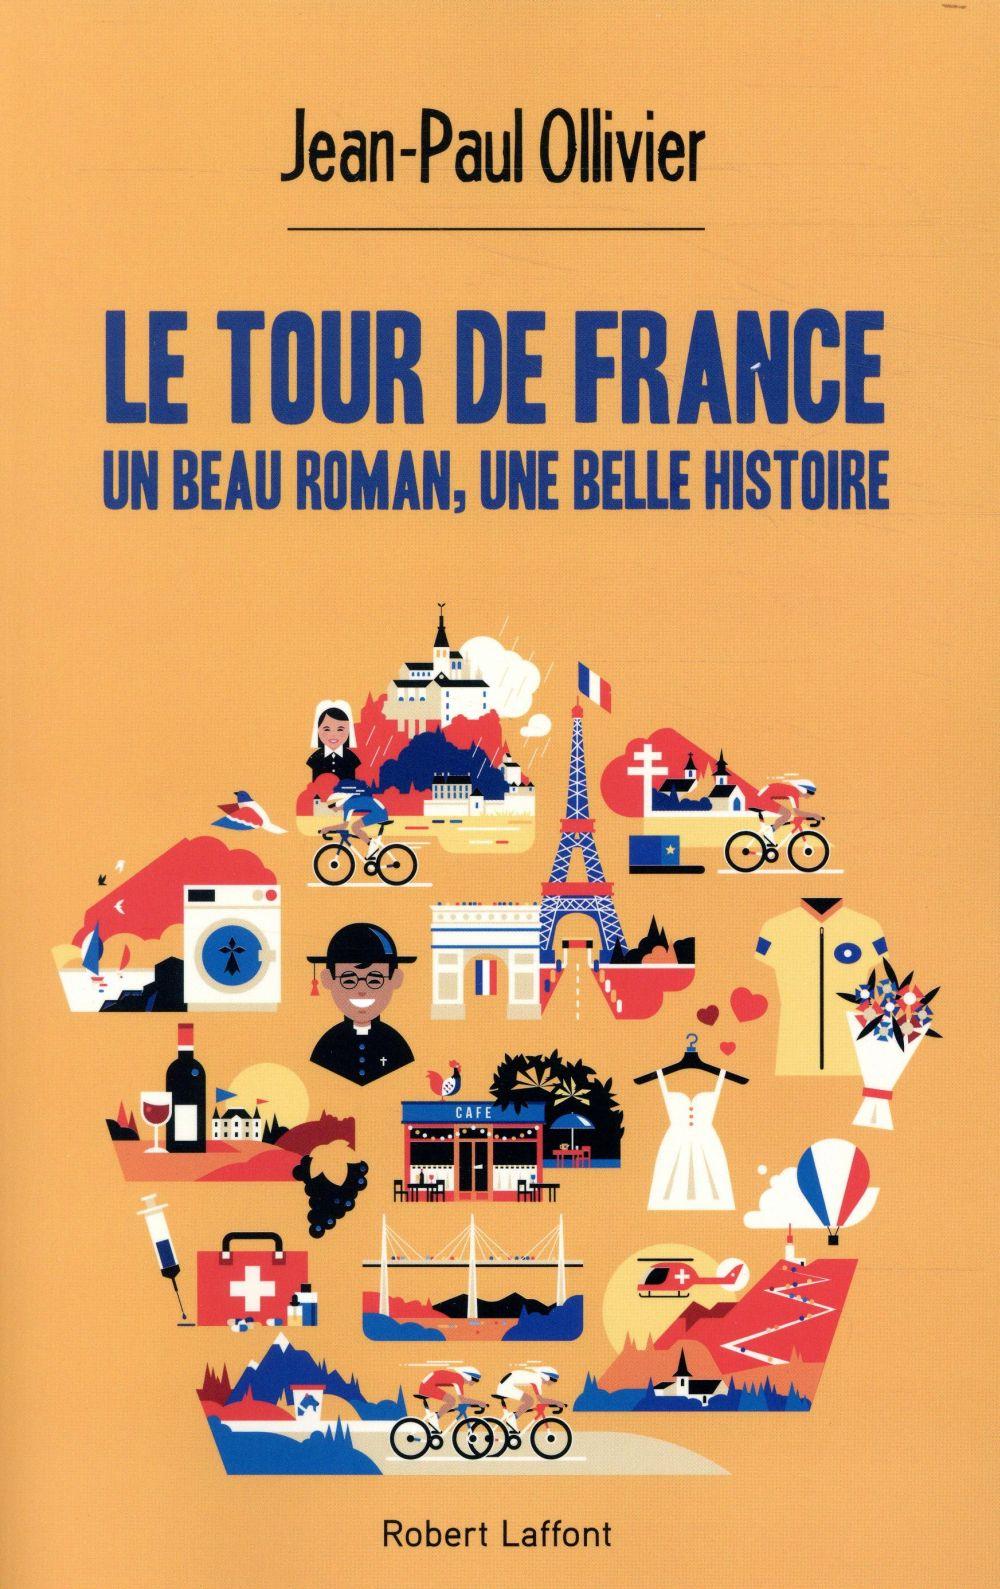 LE TOUR DE FRANCE, UN BEAU ROM OLLIVIER JEAN-PAUL ROBERT LAFFONT